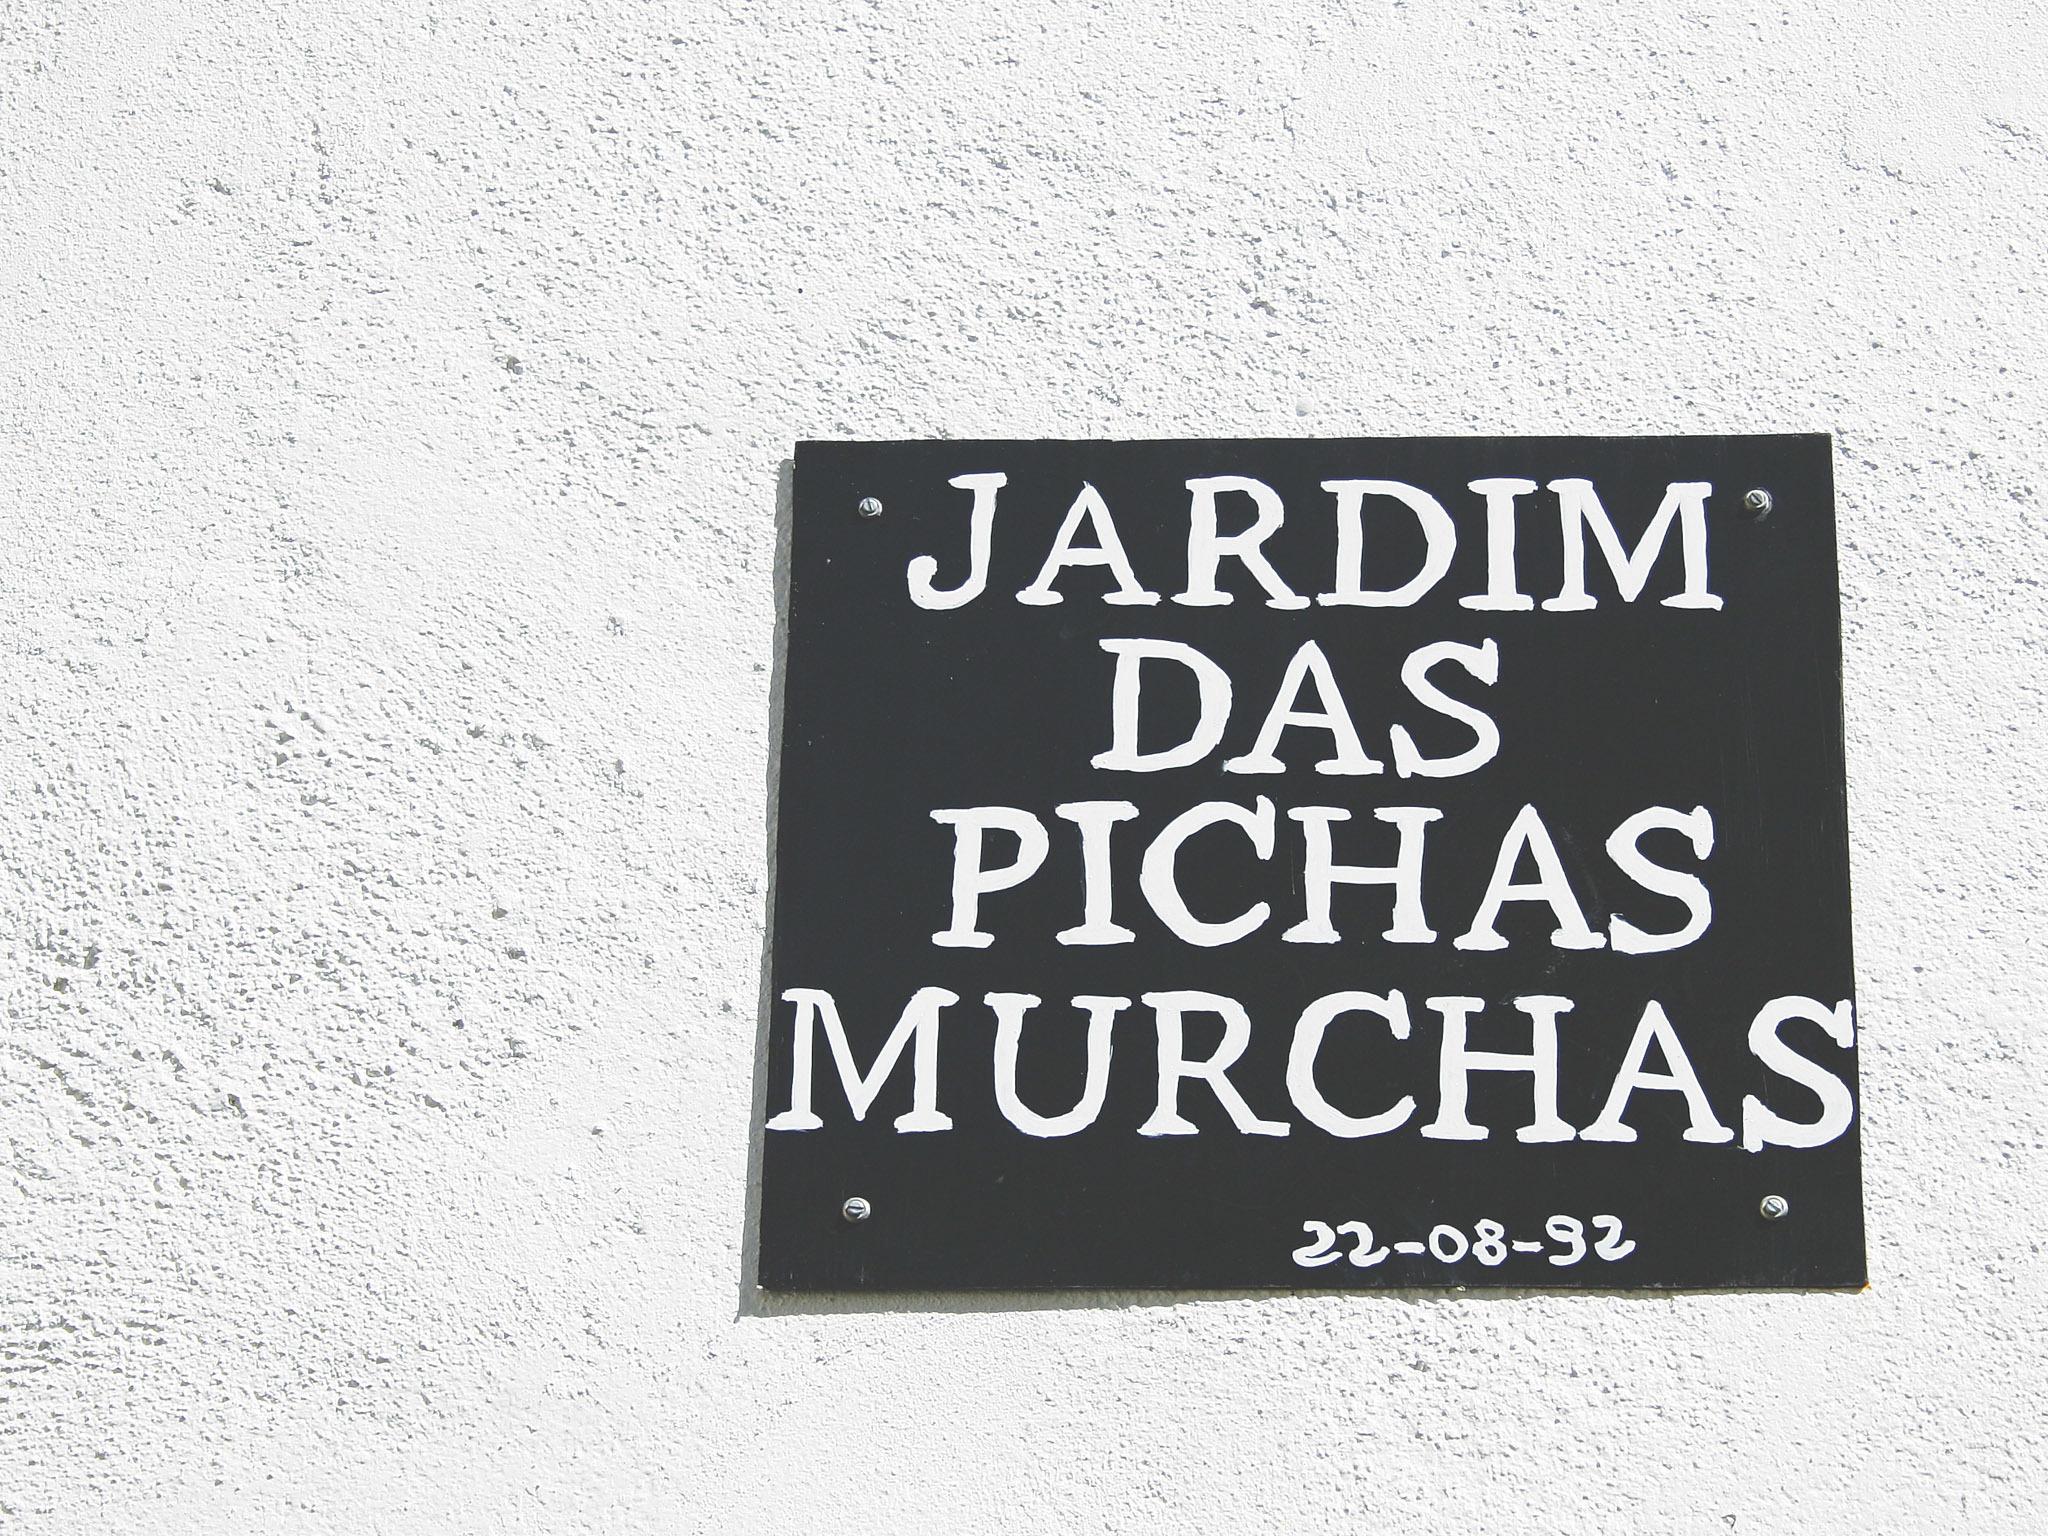 Placa Jardim das pichas murchas